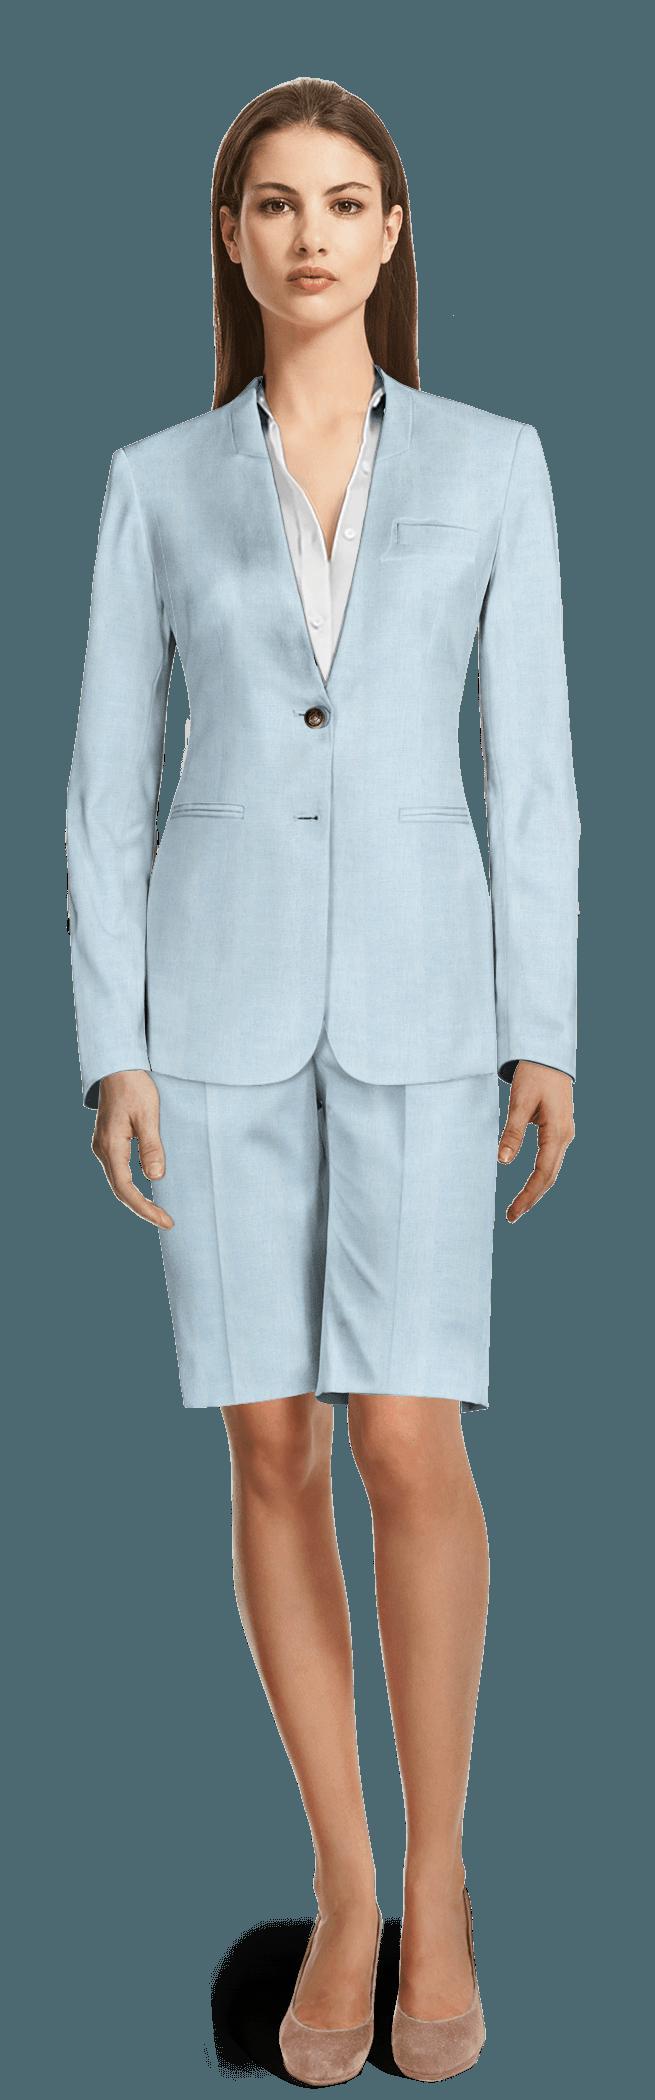 Blue Pant Suit Womens - Go Suits